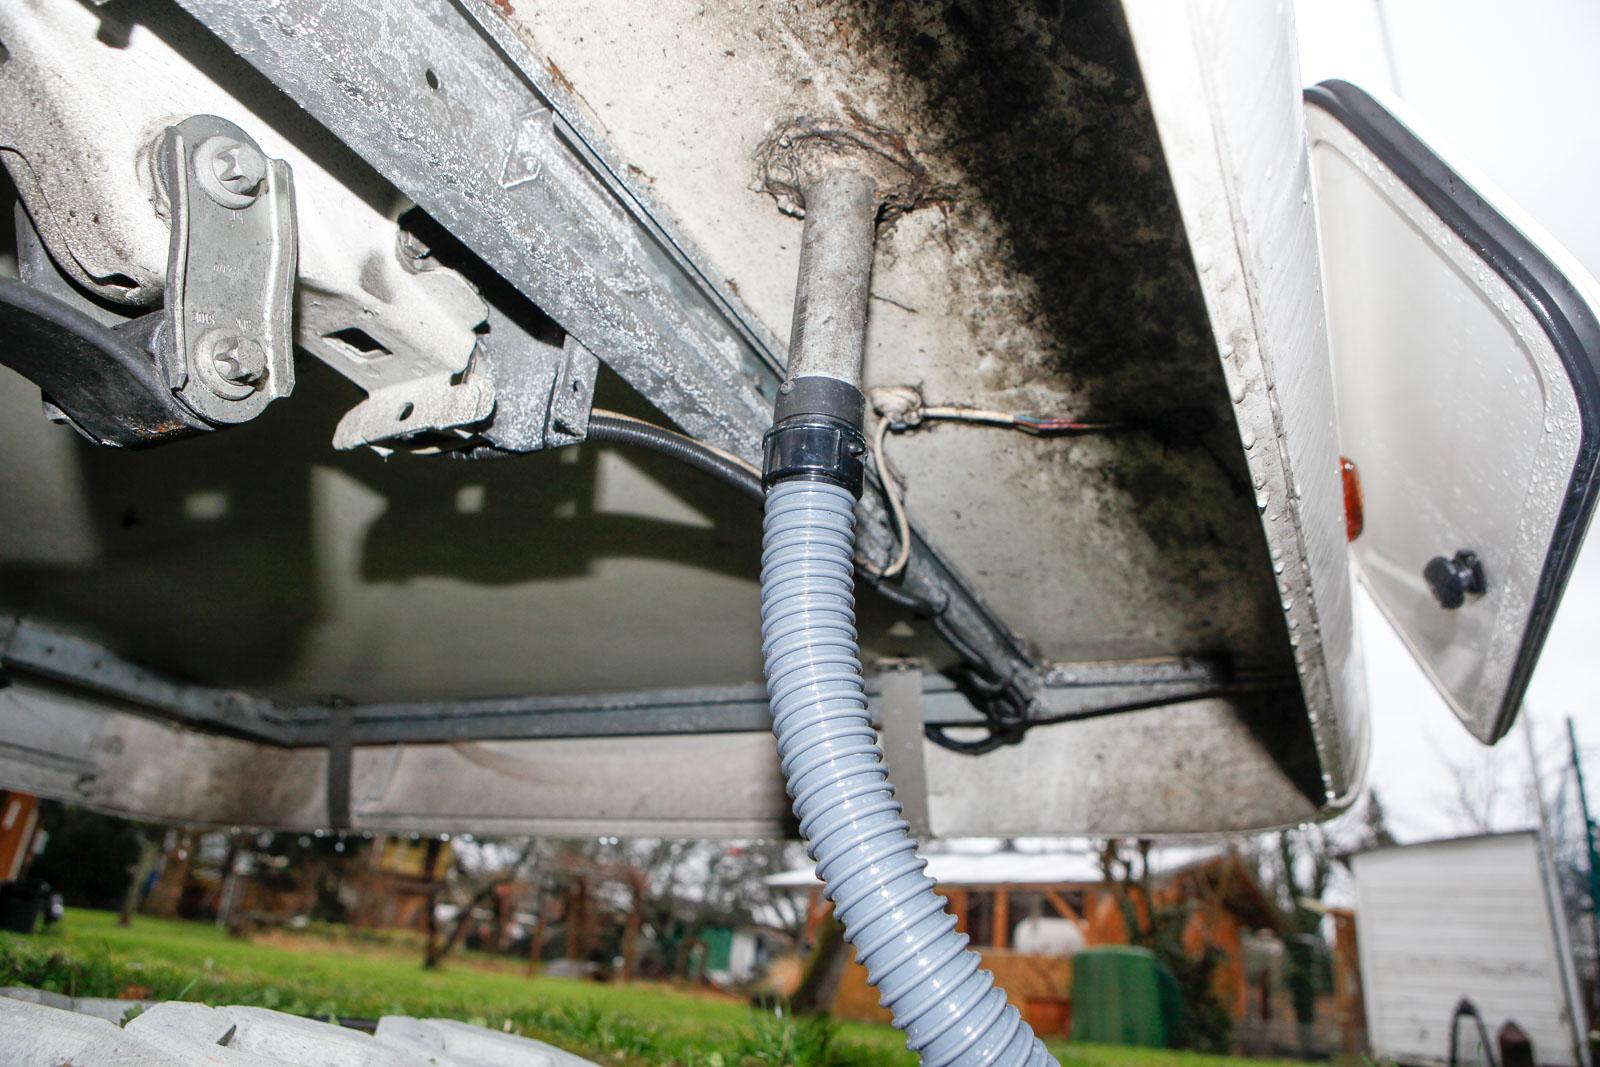 Abwasserschlauch wohnwagen Wohnwagen Abwassertank -